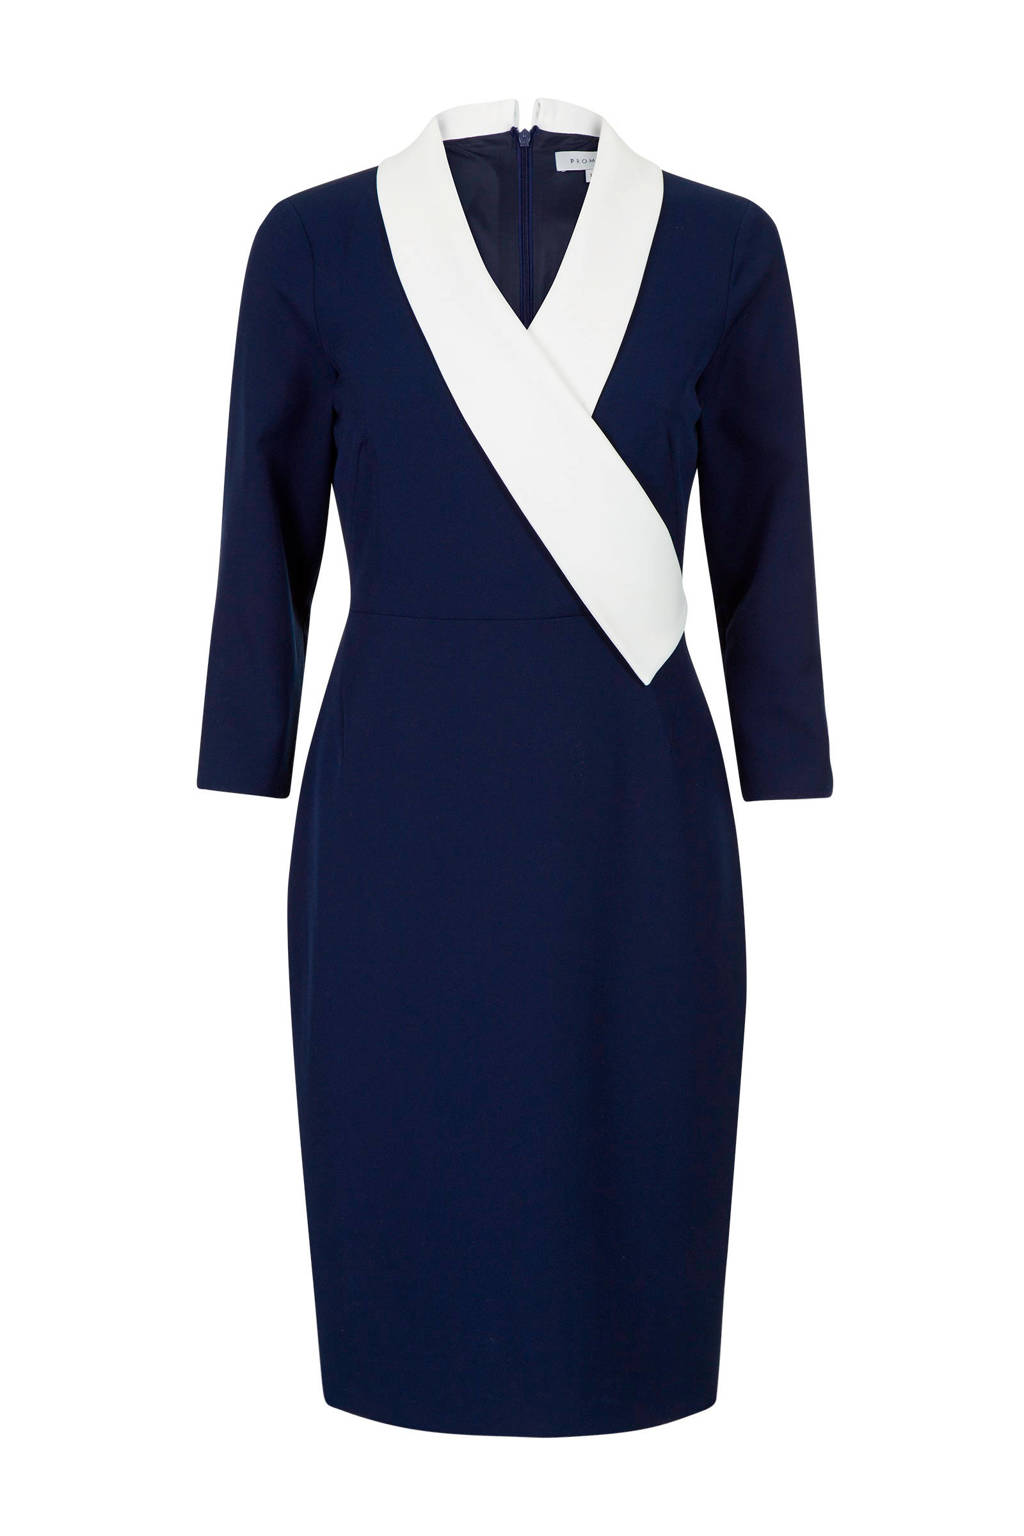 Promiss jurk met overslag detail marine/wit, Marine/wit